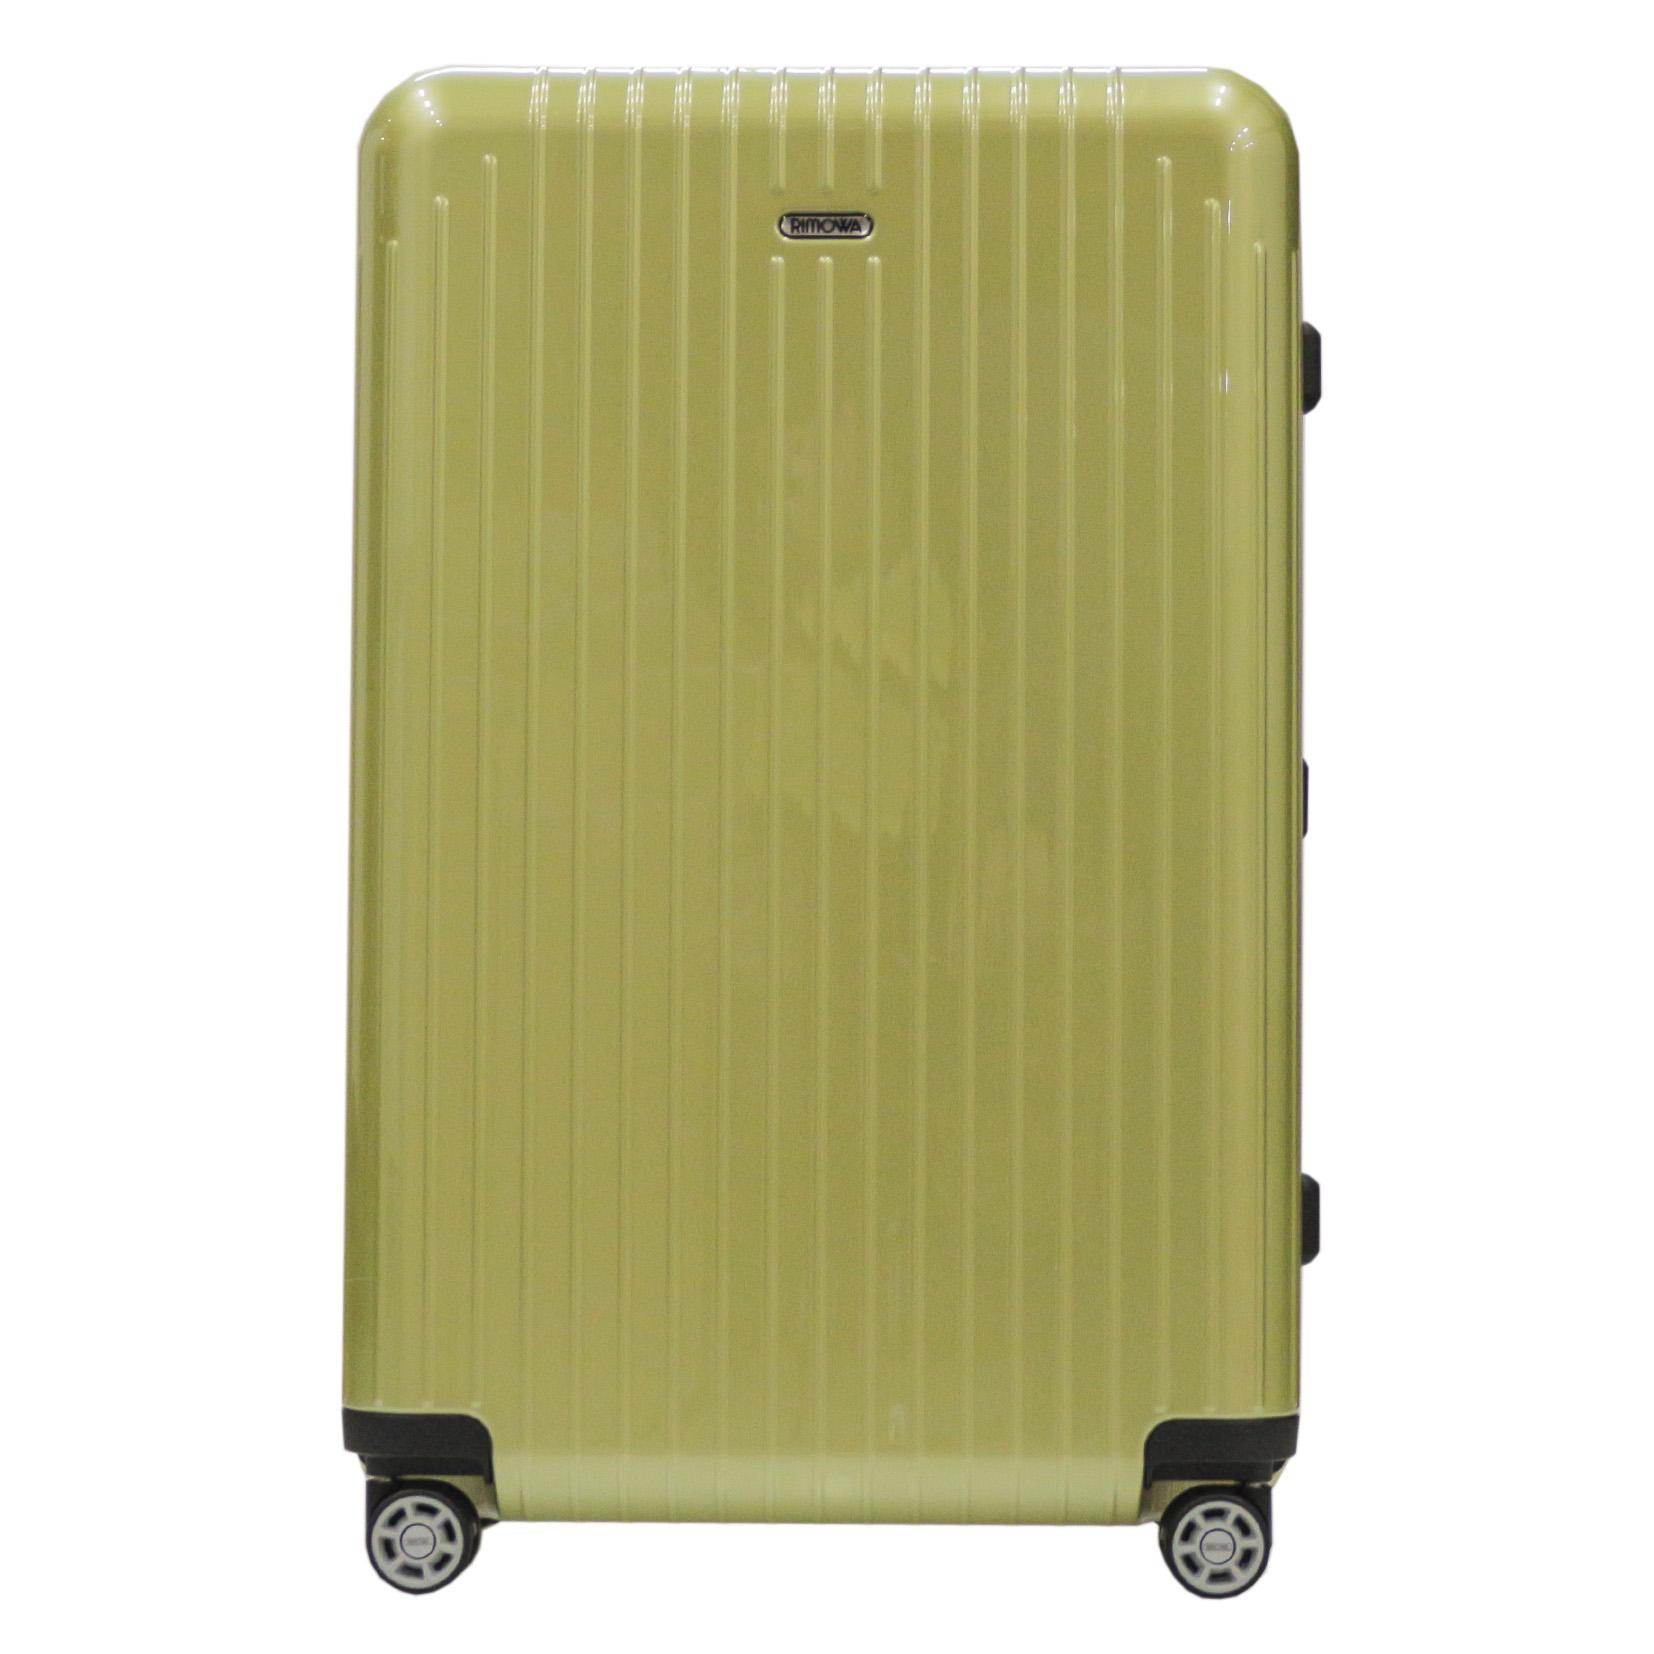 【お取り寄せ】【送料無料】リモワ RIMOWA スーツケース サルサエア- 820.70.36.4 80L 3.3kg グリーン 4泊~7泊 TSAロック 機内持ち込み不可